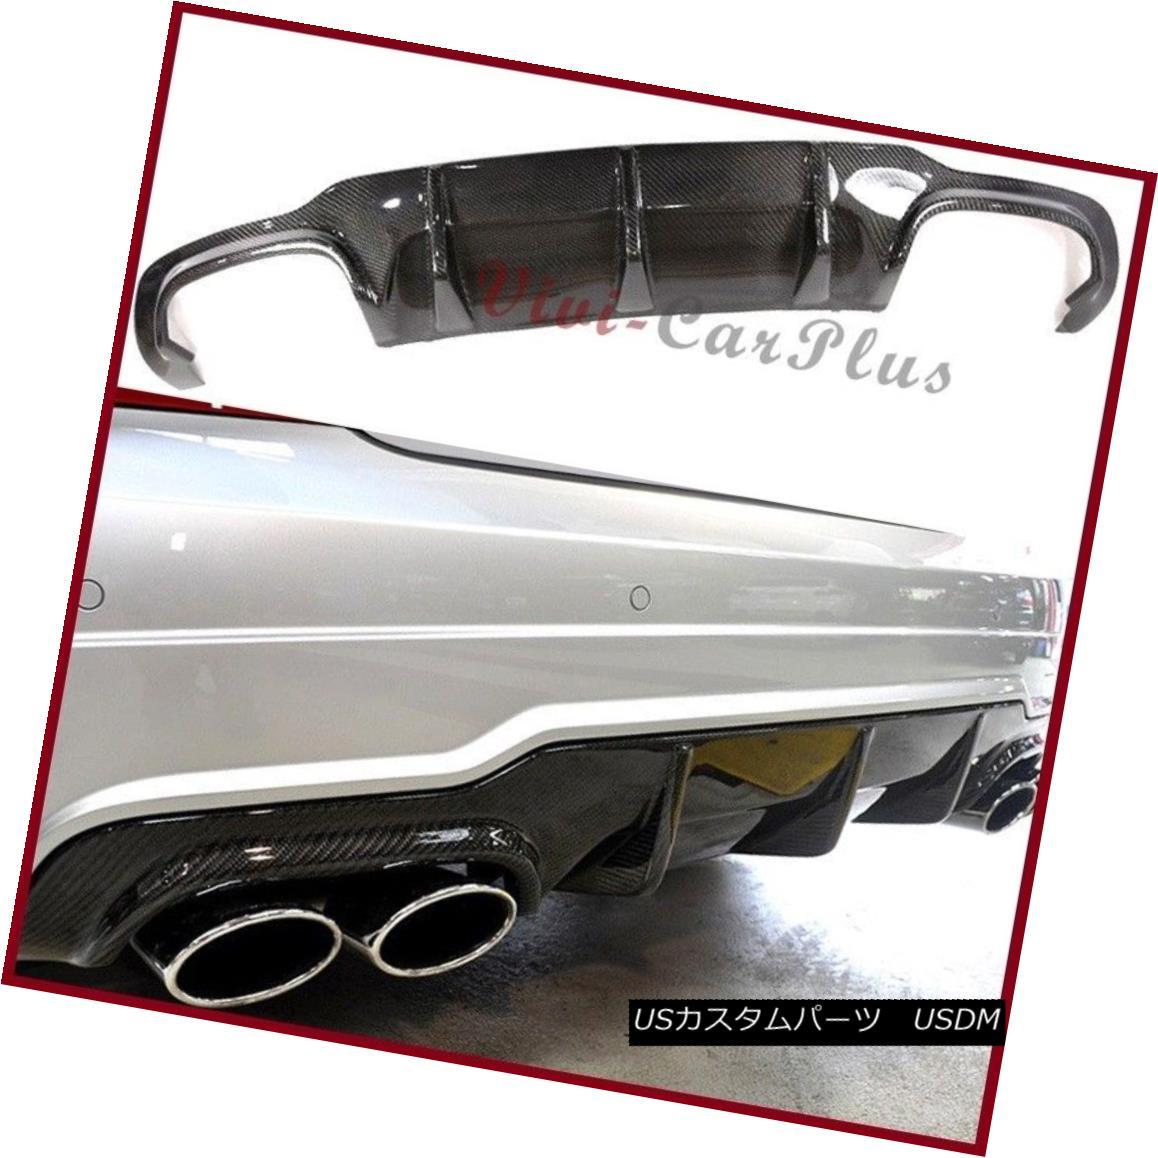 エアロパーツ AMG Type Rear Diffuser Carbon Fiber Fit 12-14 M-Benz C204 2DR C250 C300 C350 C63 AMGタイプリアディフューザーカーボンファイバーフィッティング12-14 M-Benz C204 2DR C250 C300 C350 C63